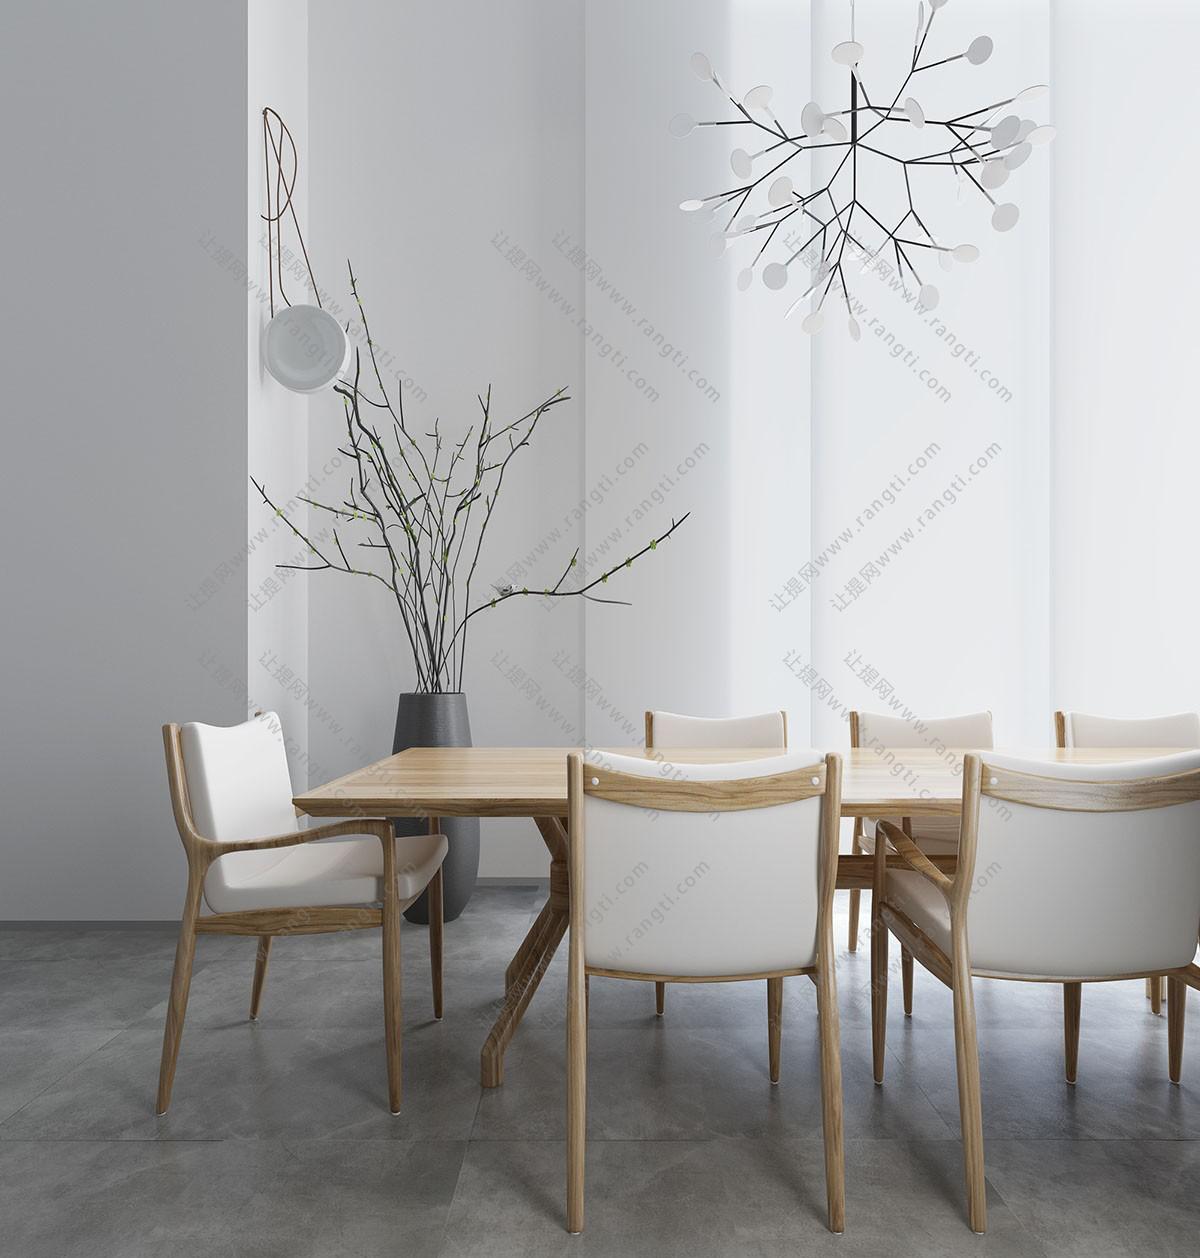 北欧实木布艺餐桌椅组合3D模型